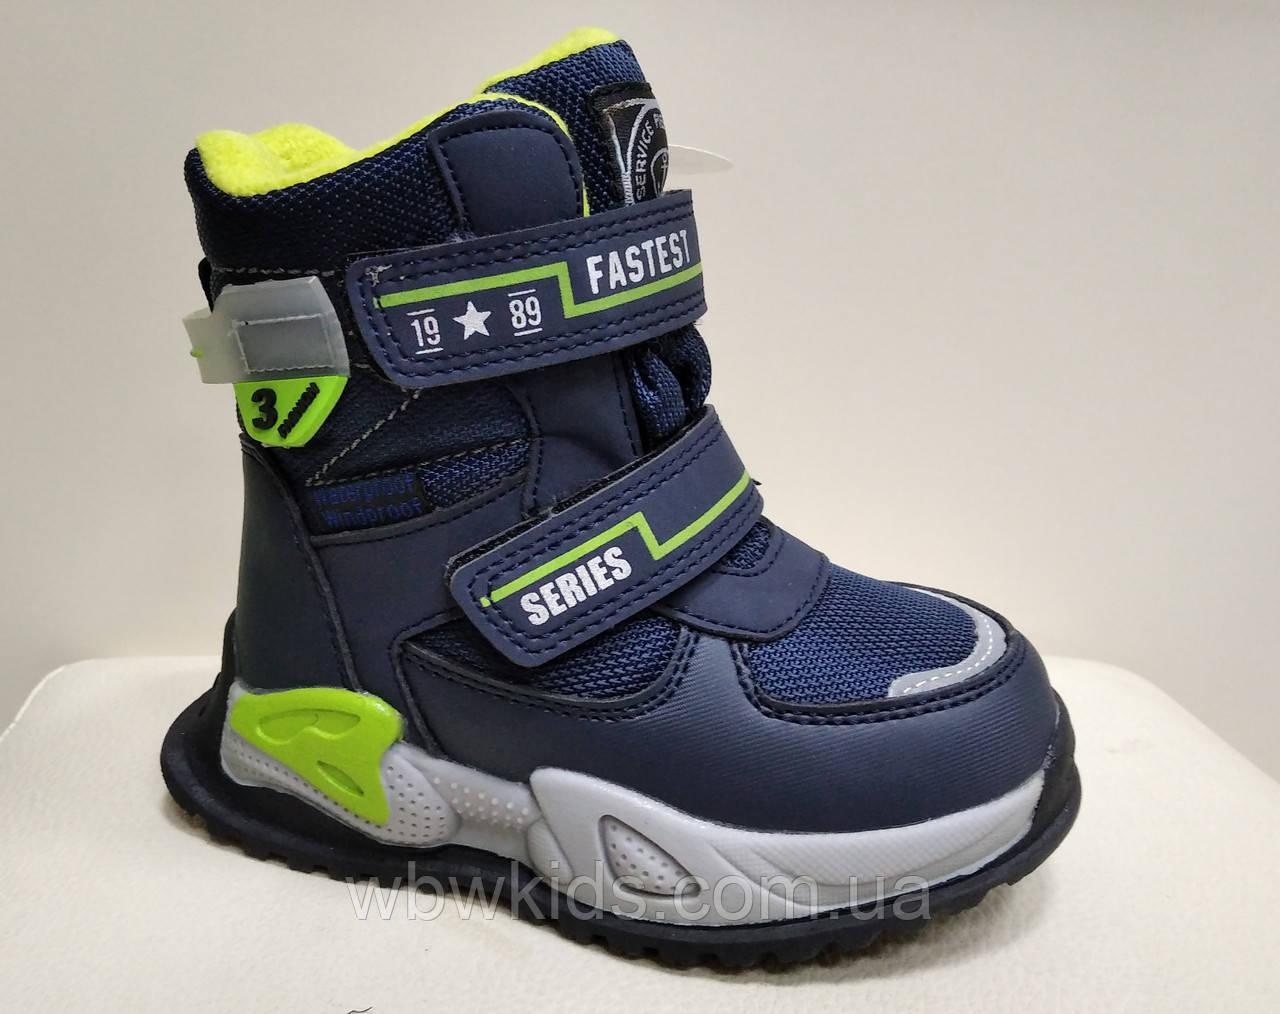 Зимові чоботи дитячі Tom.m 9408 B сині для хлопчика